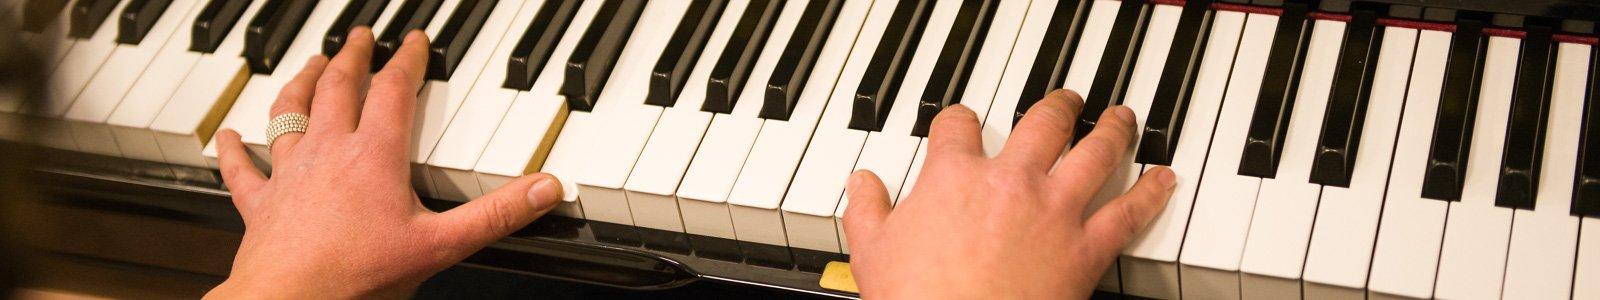 Muziek instrumentaal foto: Jelmer de Haas